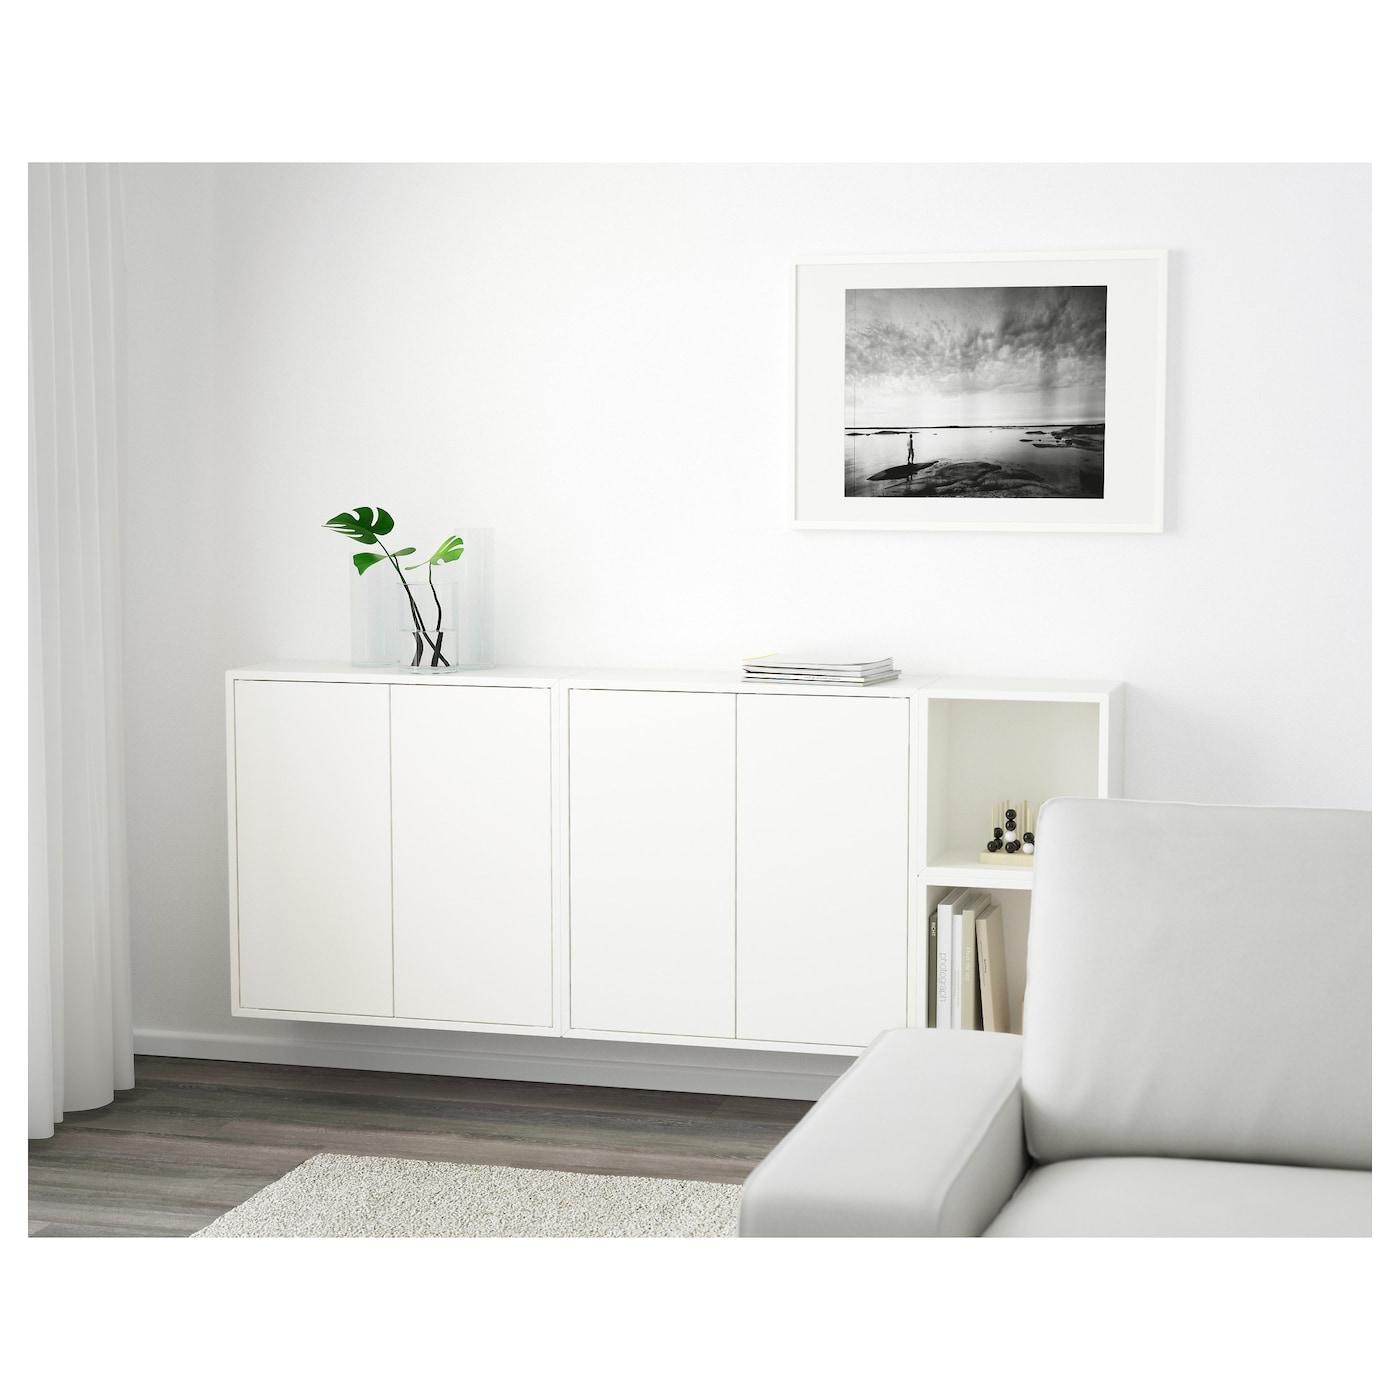 eket kastencombinatie voor wandmontage wit 175x25x70 cm ikea. Black Bedroom Furniture Sets. Home Design Ideas